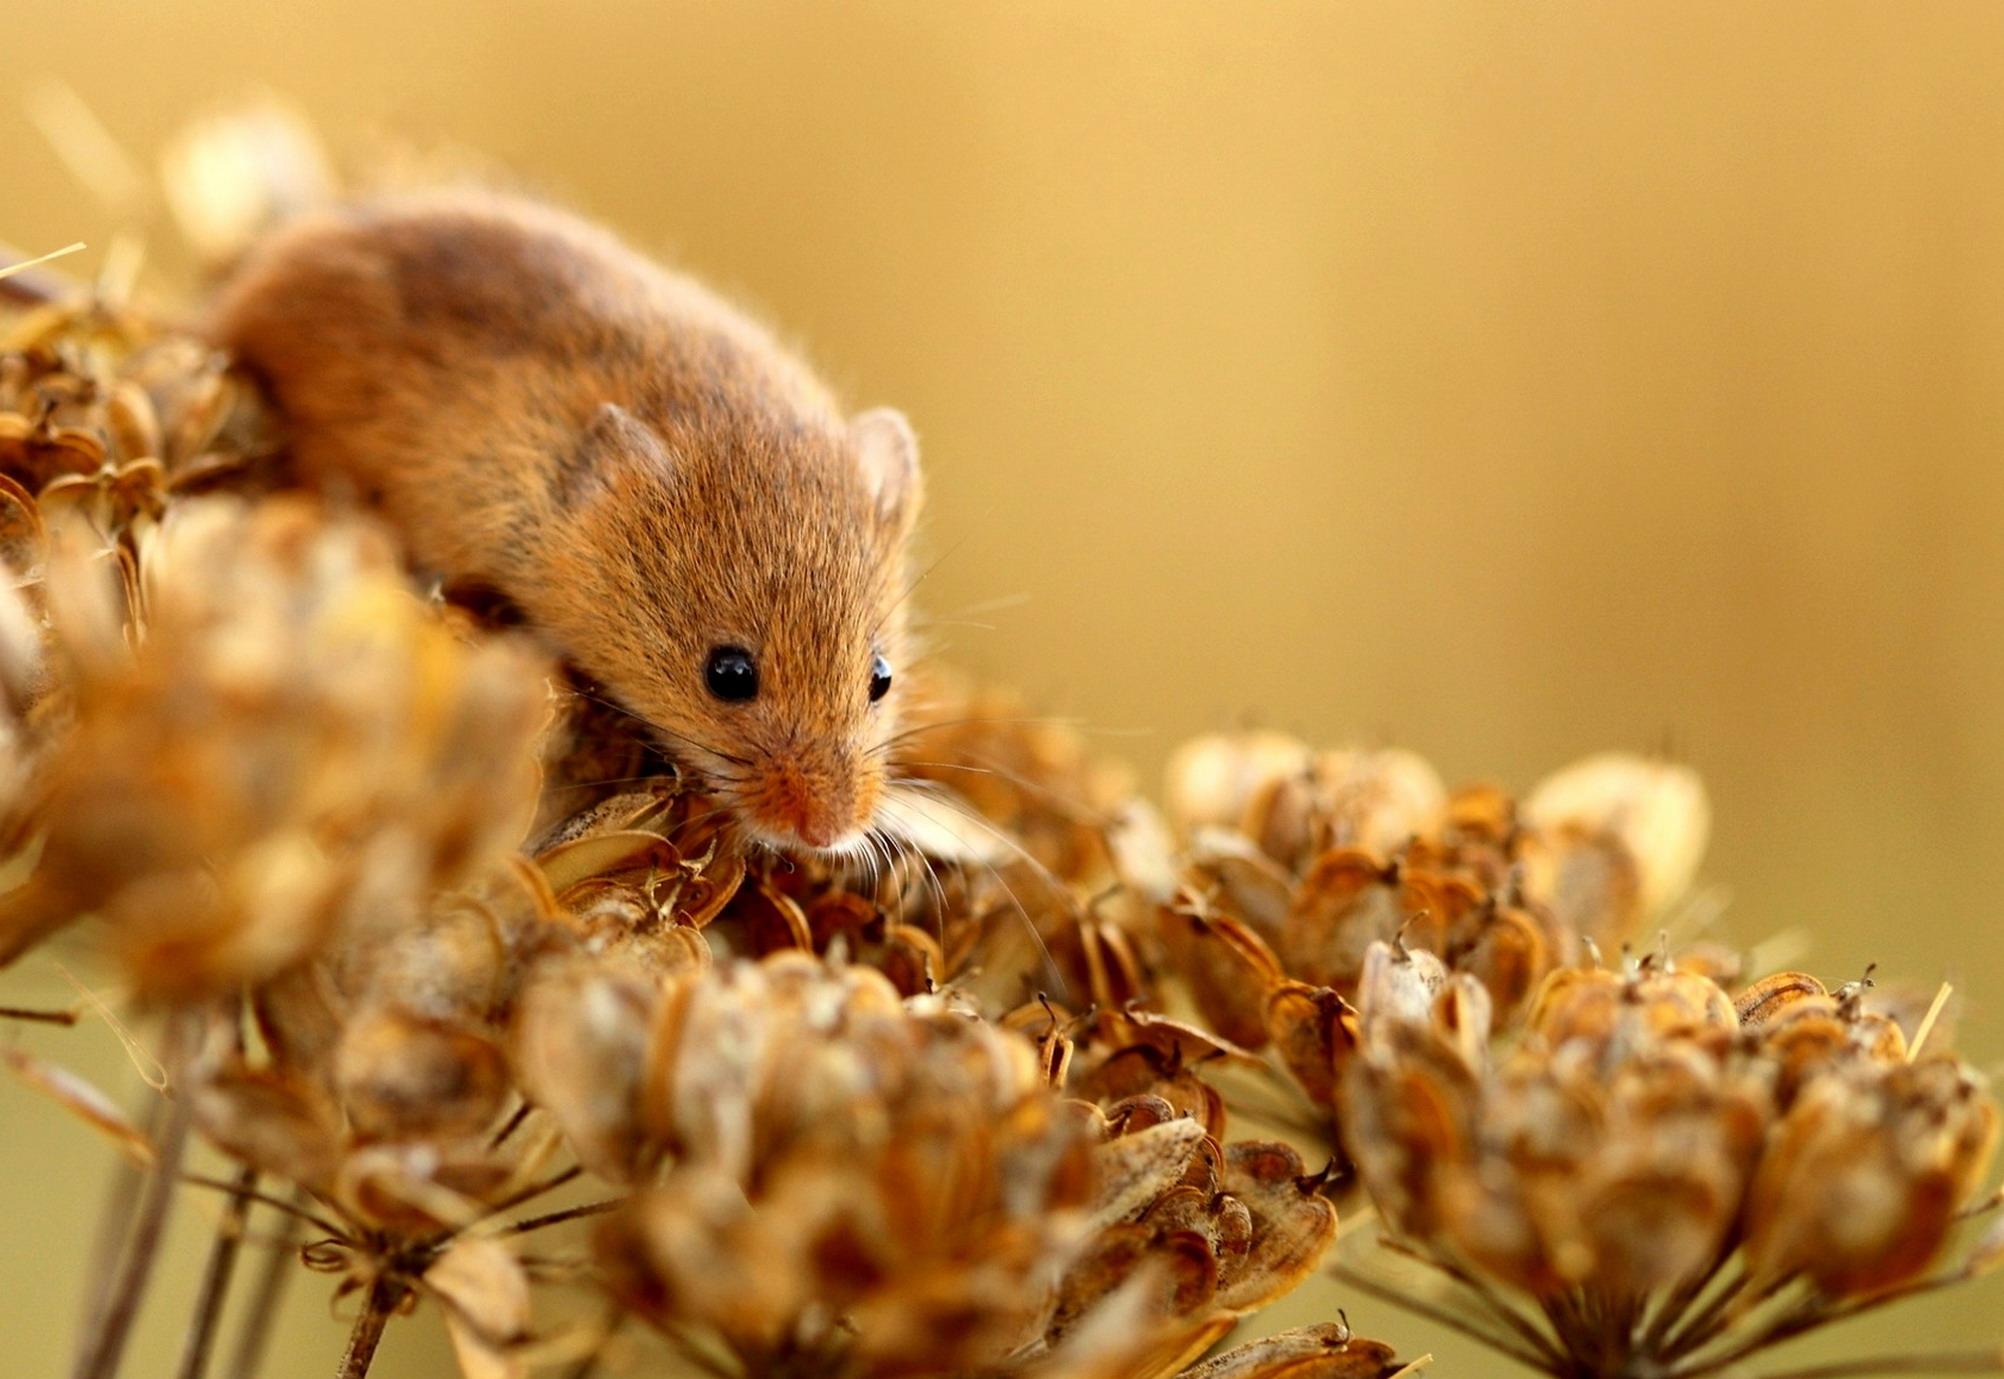 orecchie di topo e pene erezione non ci sono eruzioni